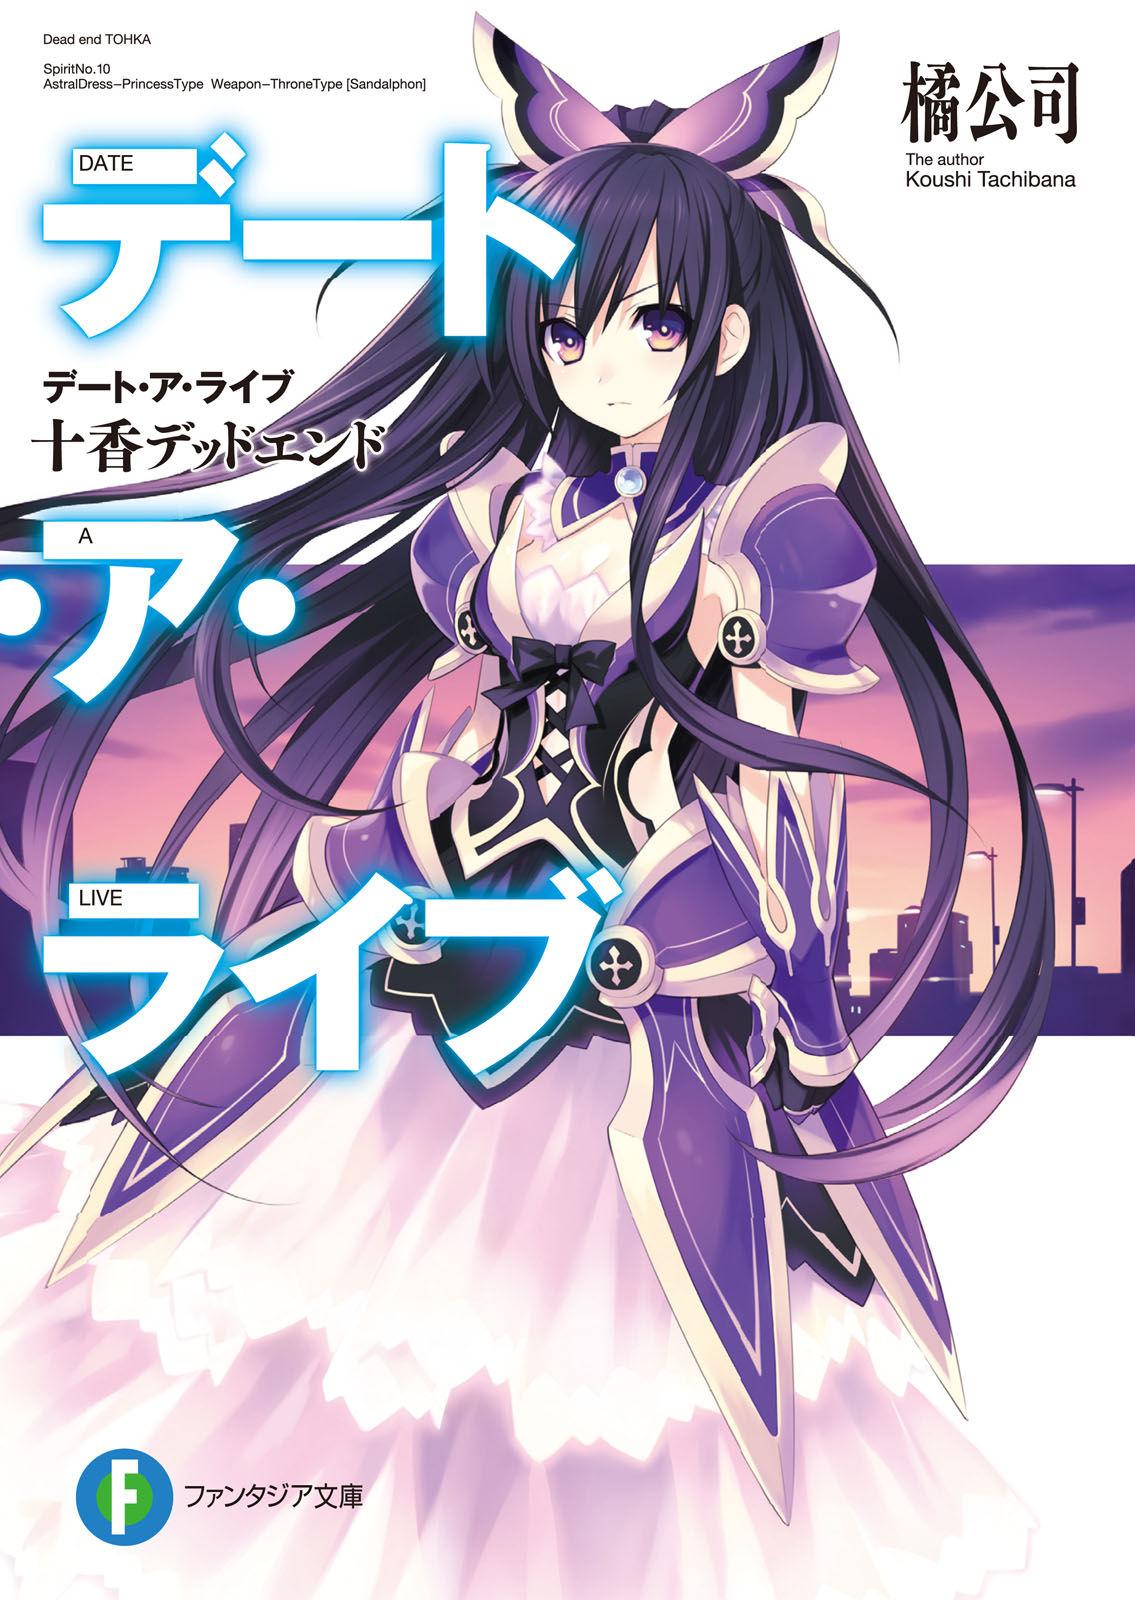 Light Novel and Manga | Date A Live Wiki | FANDOM powered by